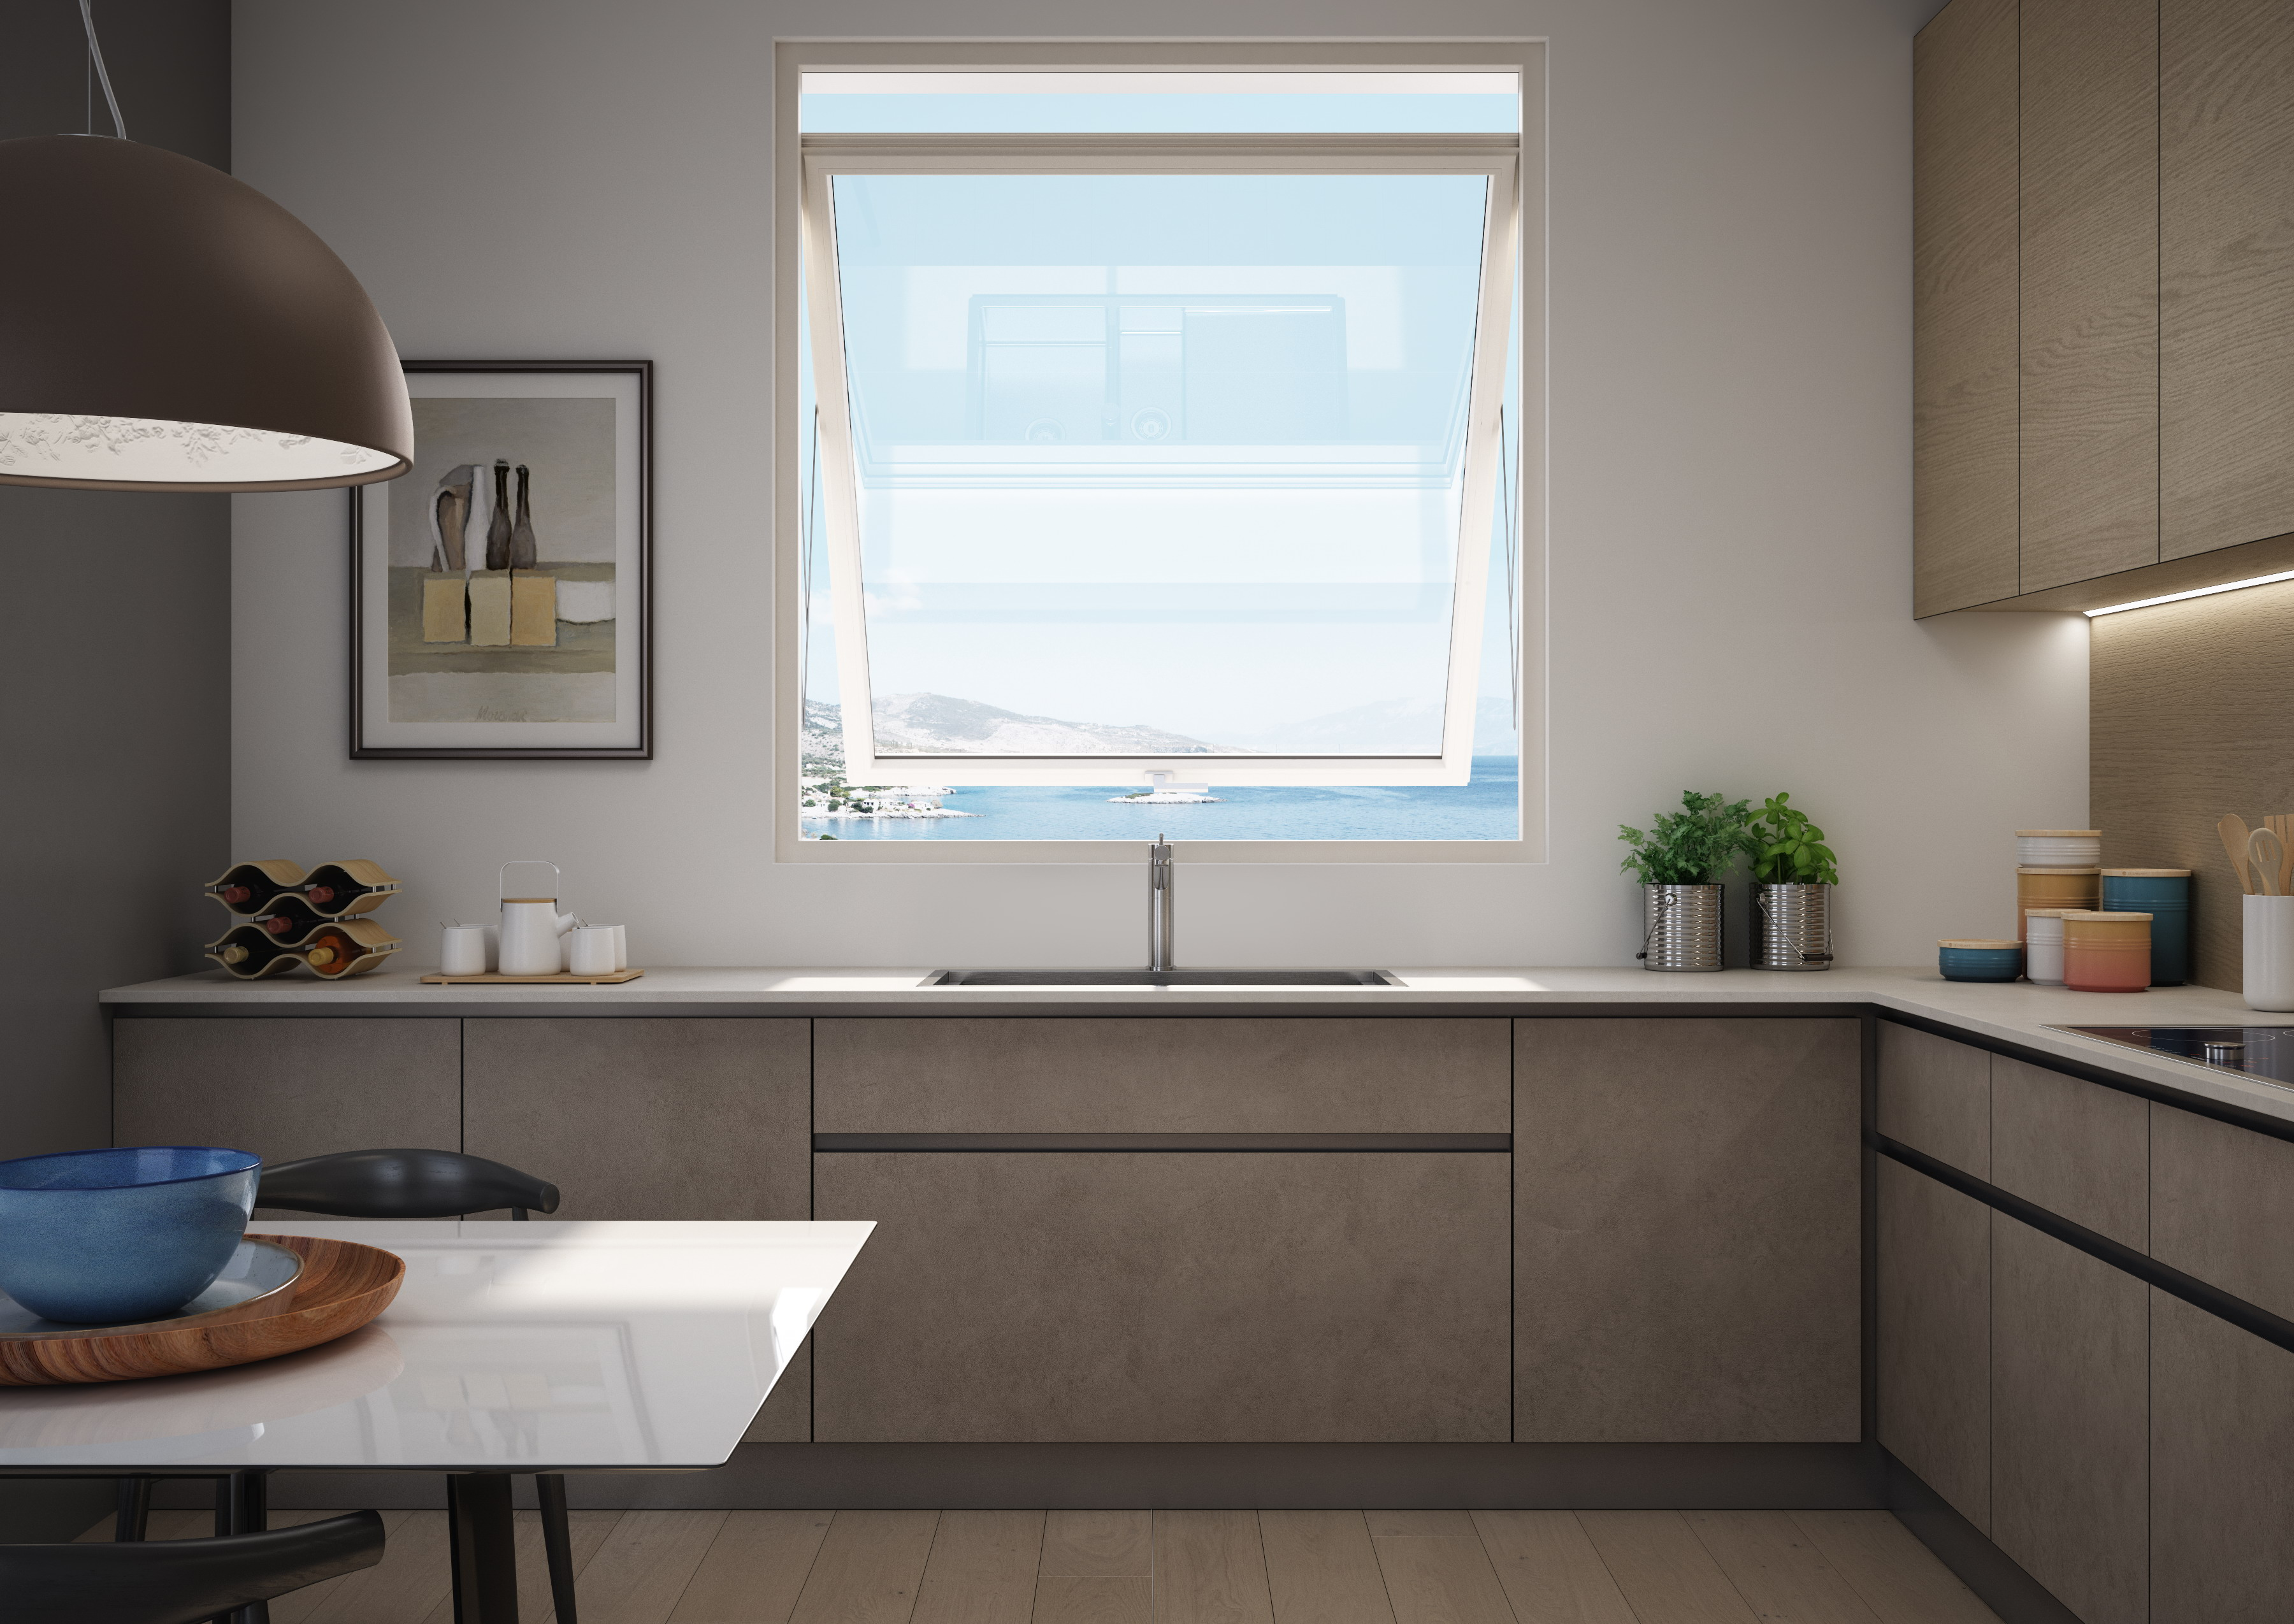 Presentata prolux swing la nuova basculante finestra for Finestra basculante